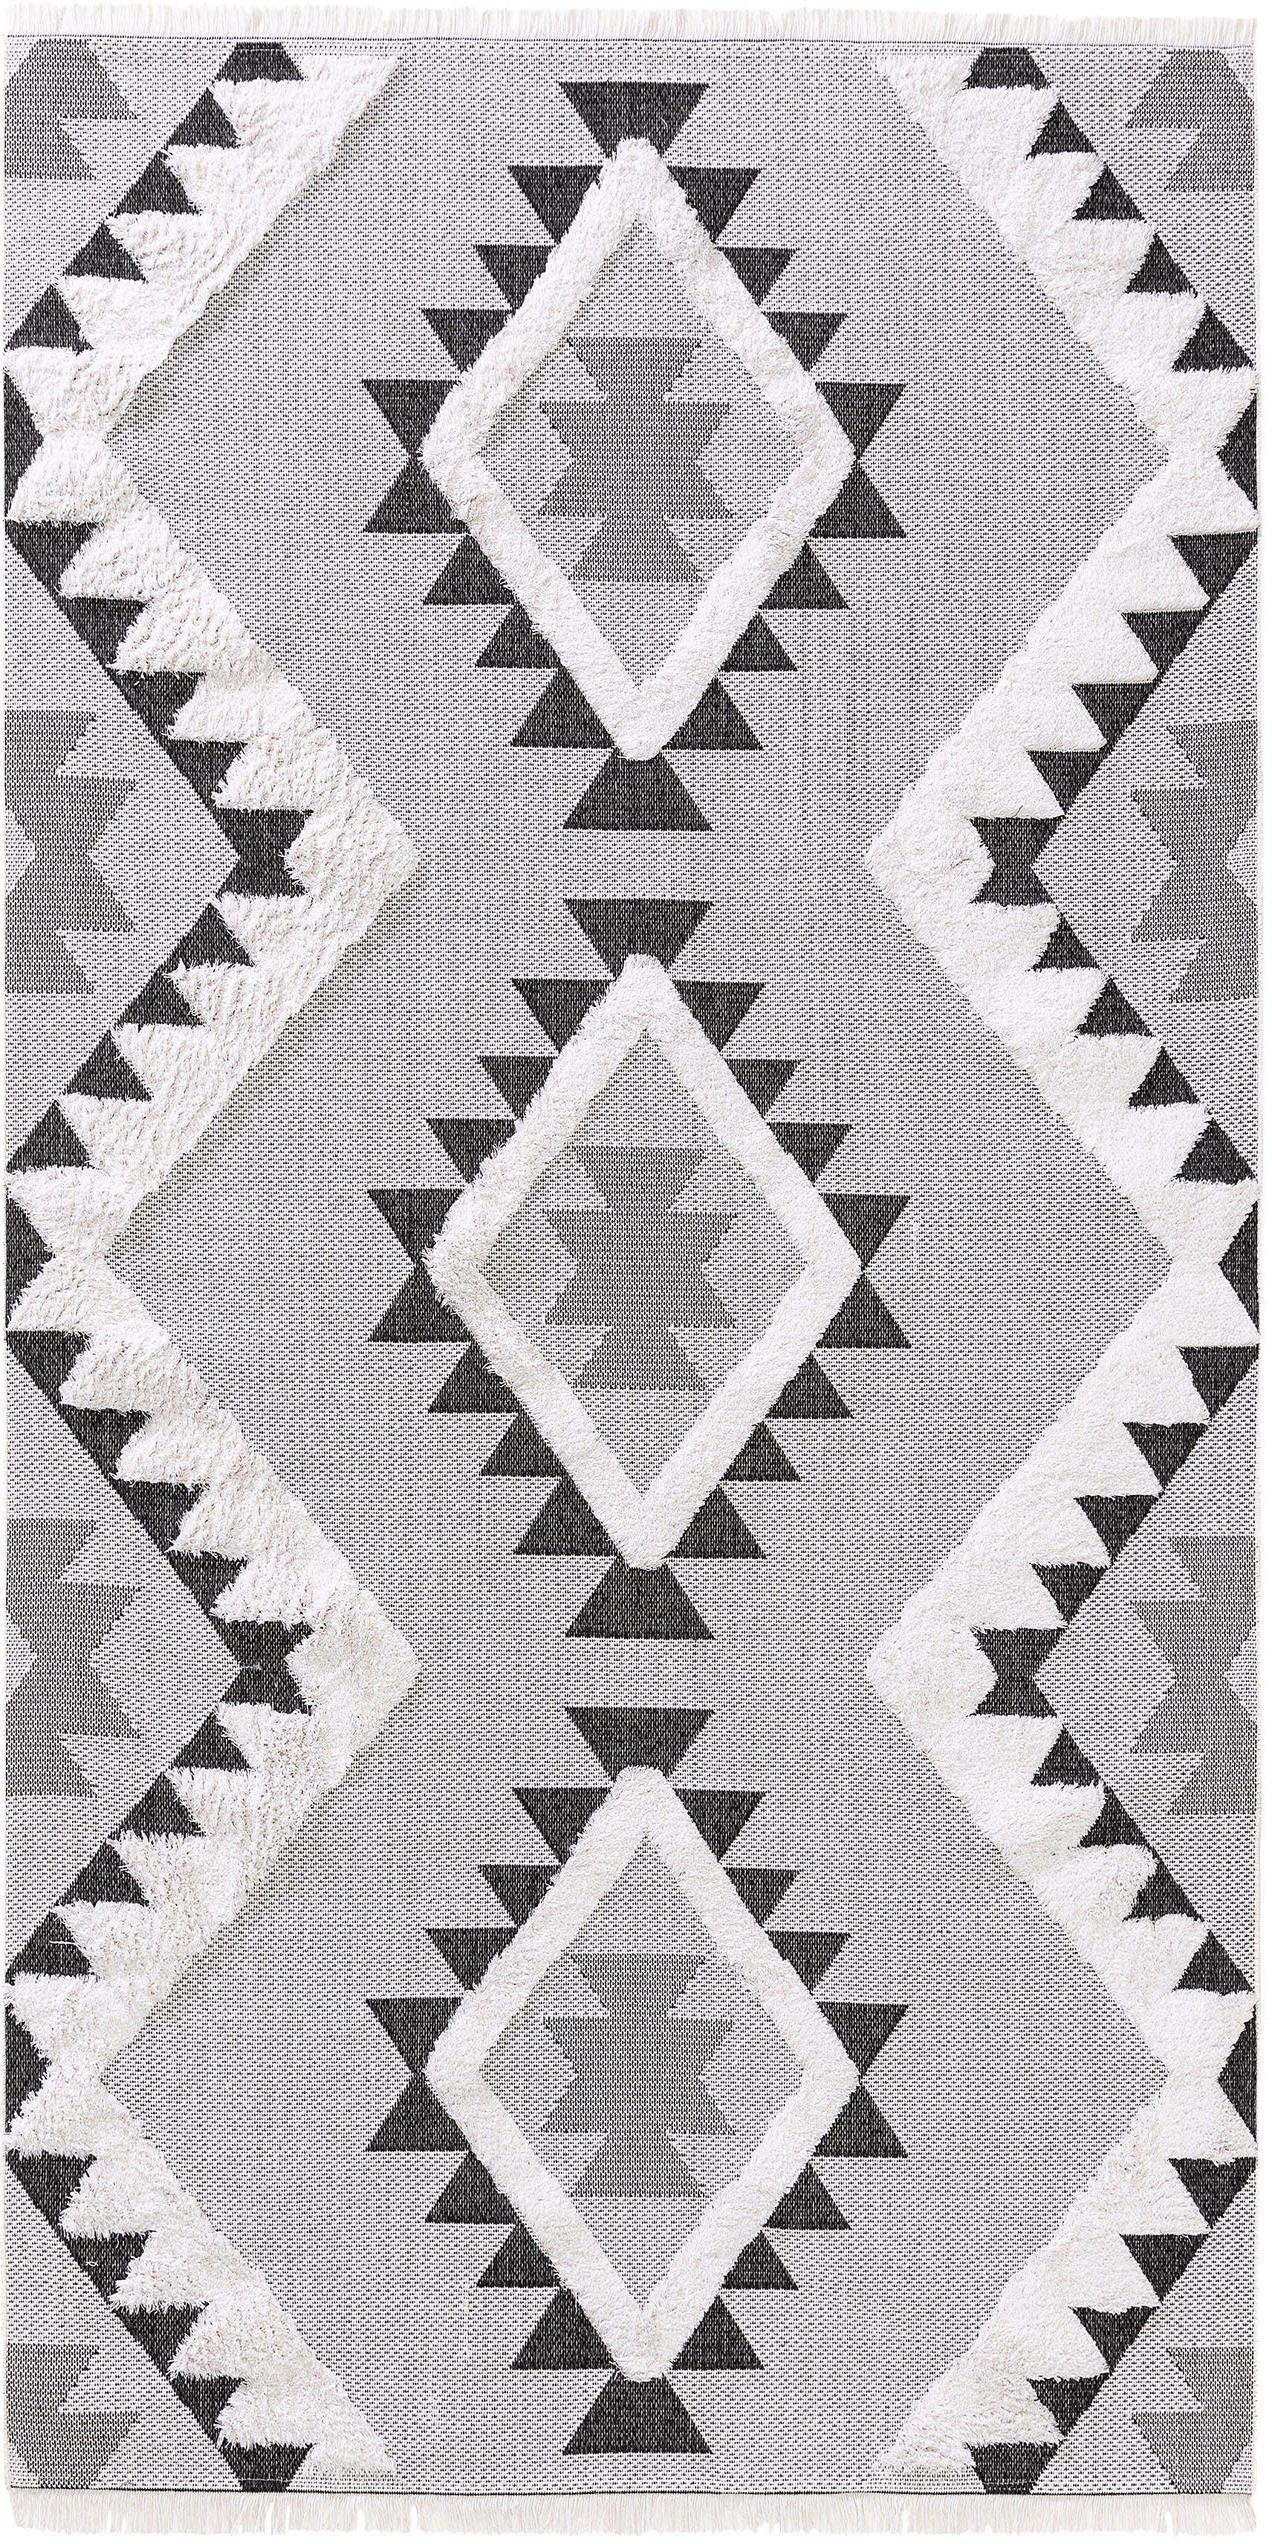 Wasbare katoenen vloerkleed Oslo Aztec met hoog-laag structuur, 100% katoen, Crèmewit, grijstinten, B 75 x L 150 cm (maat XS)